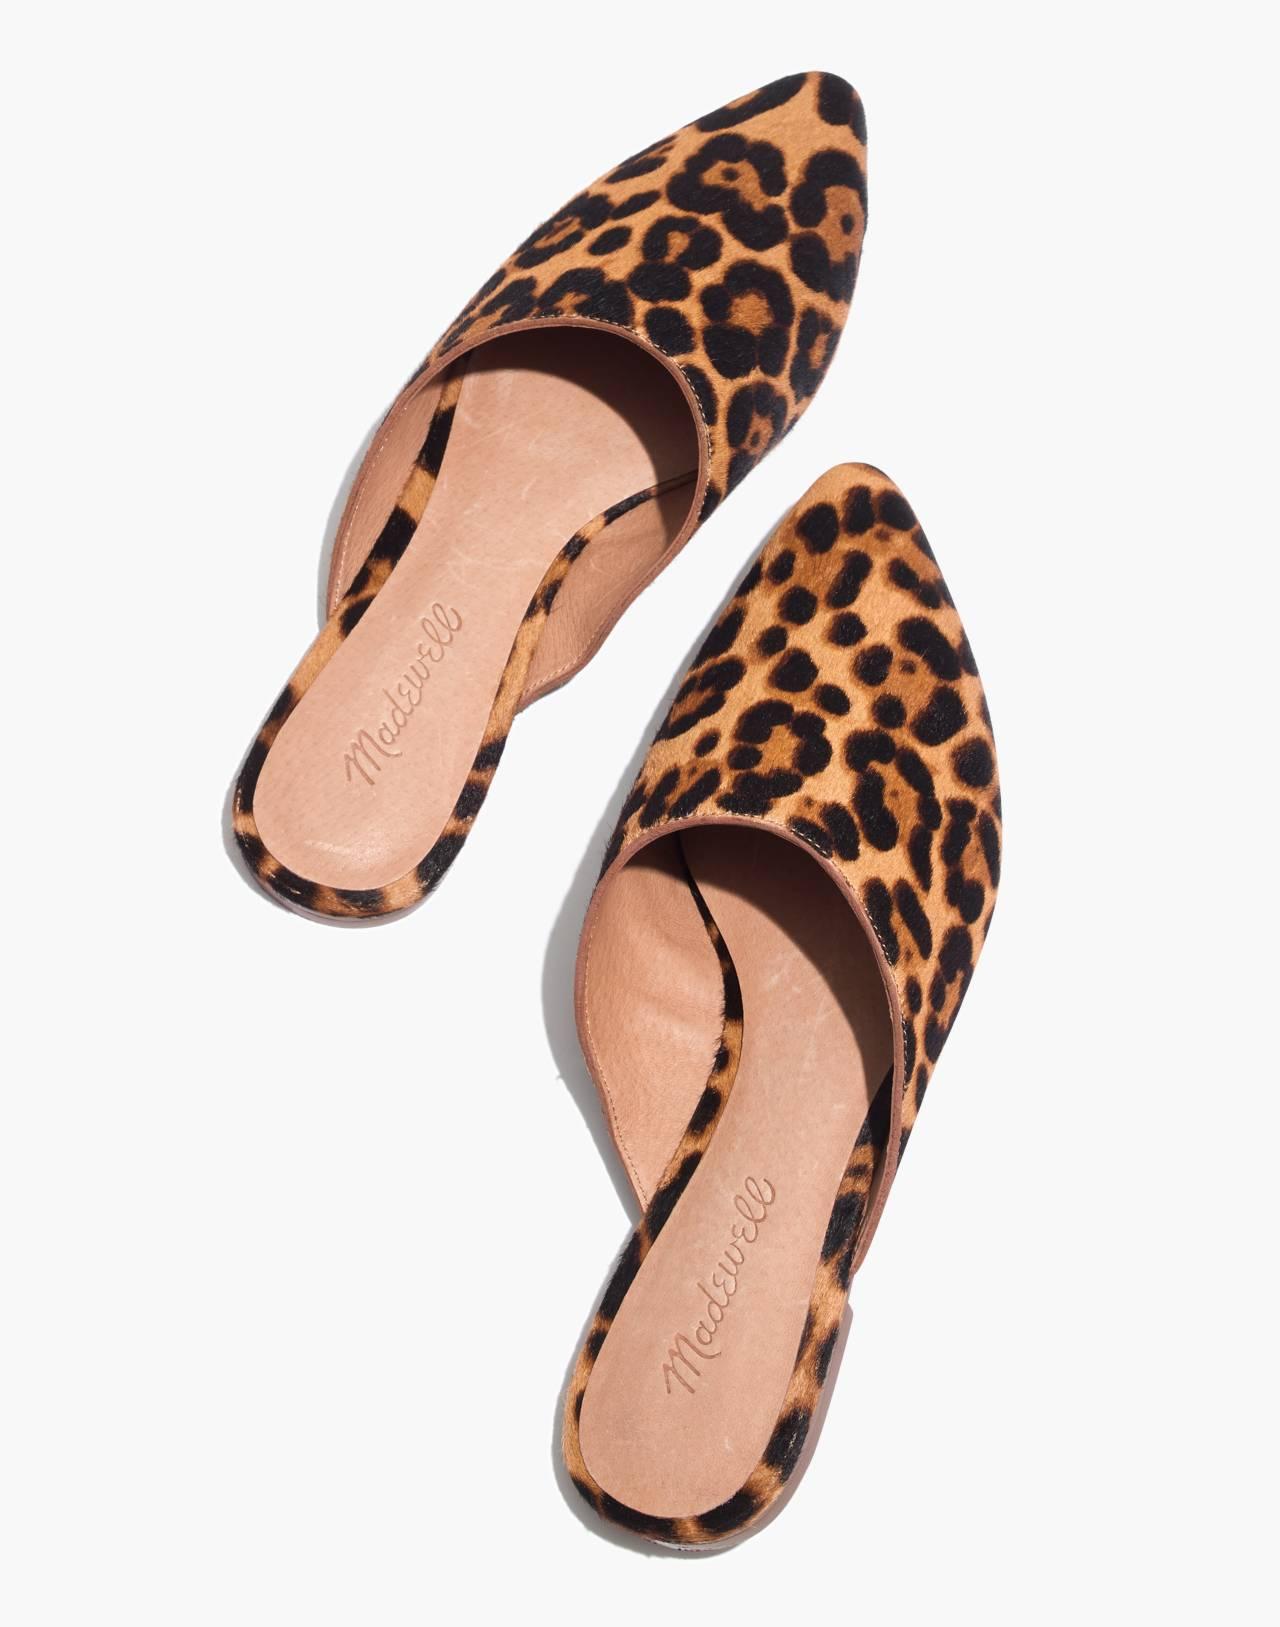 The Remi Mule in Leopard Calf Hair in truffle multi image 1